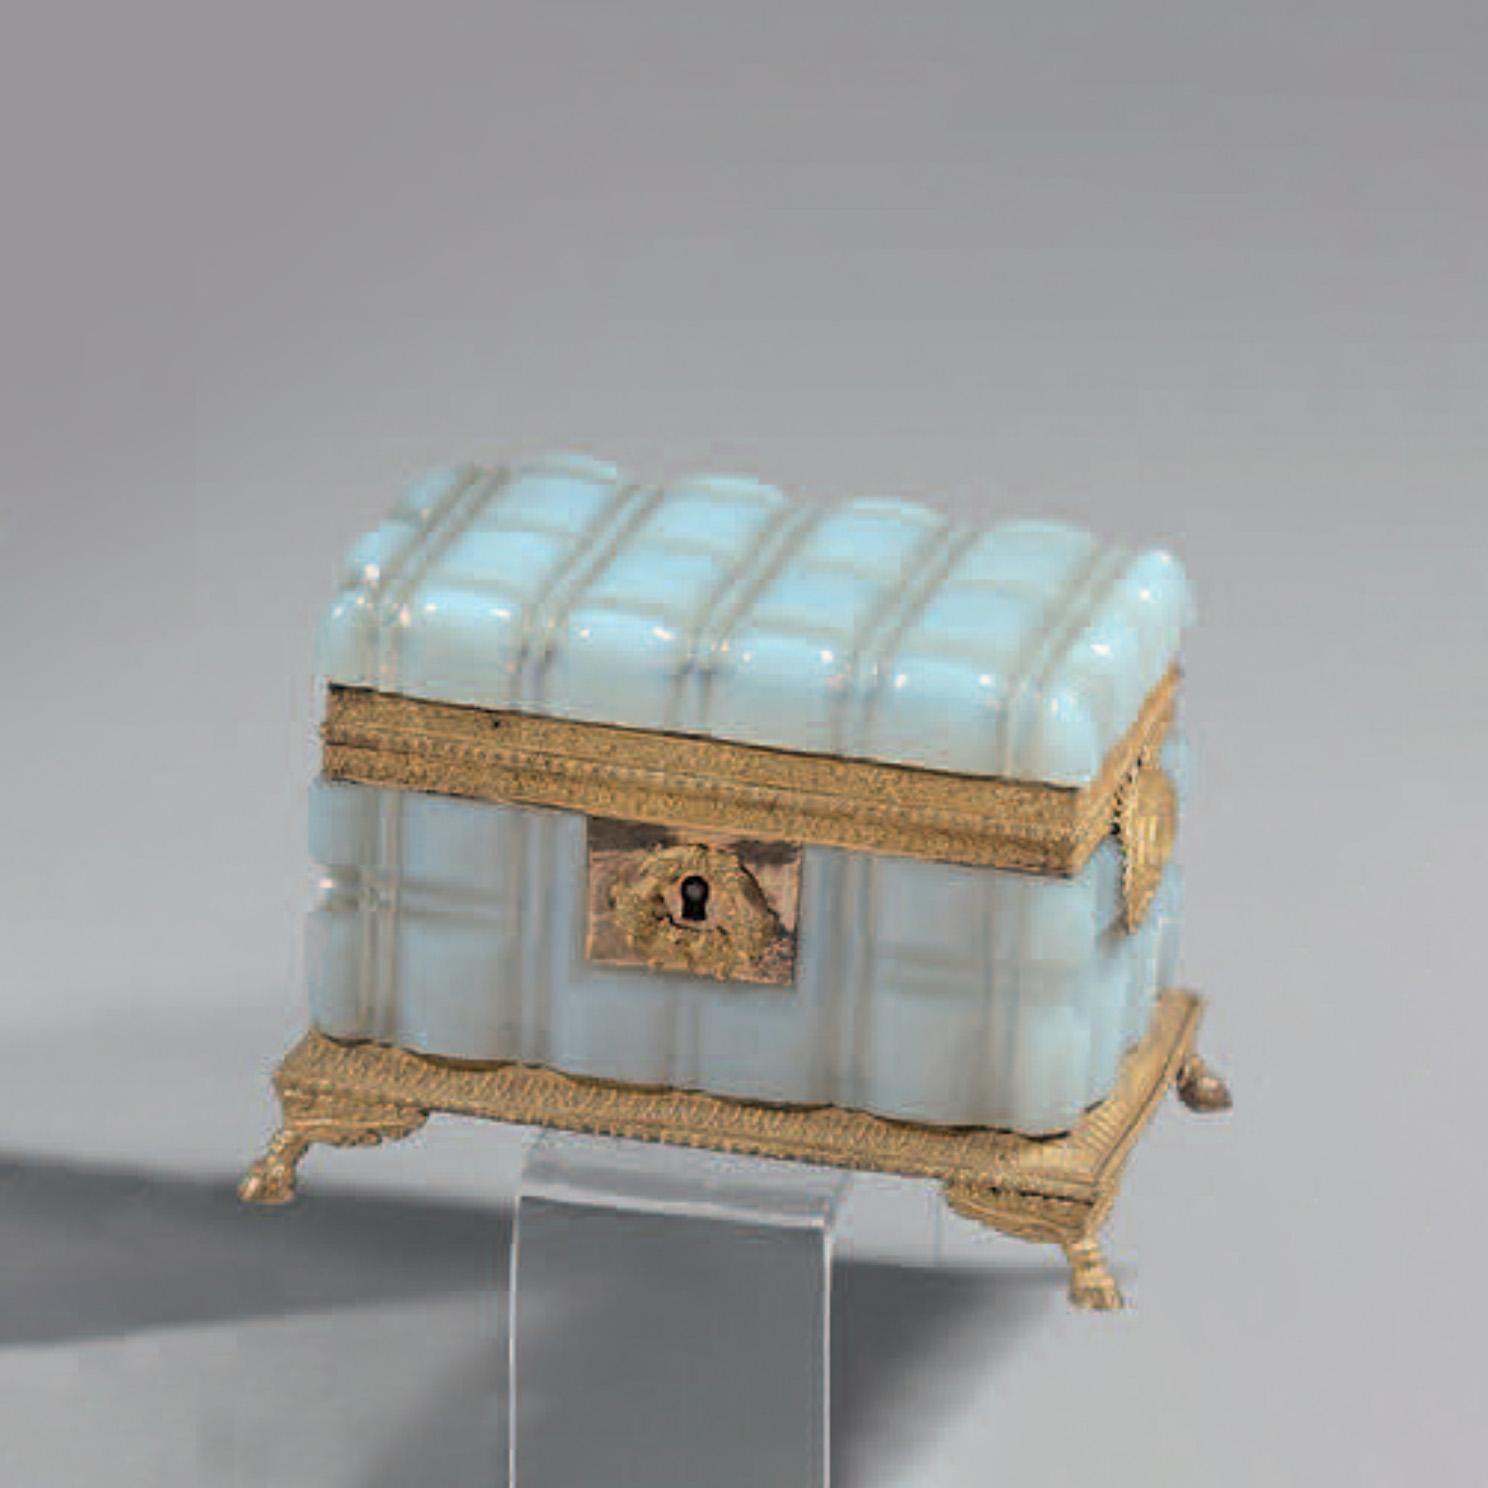 1753€ Coffret en opaline savonneuse, monture en bronze doré, époque Restauration, 10x14x9,5cm.Paris, Drouot, 13décembre 2018. Jean